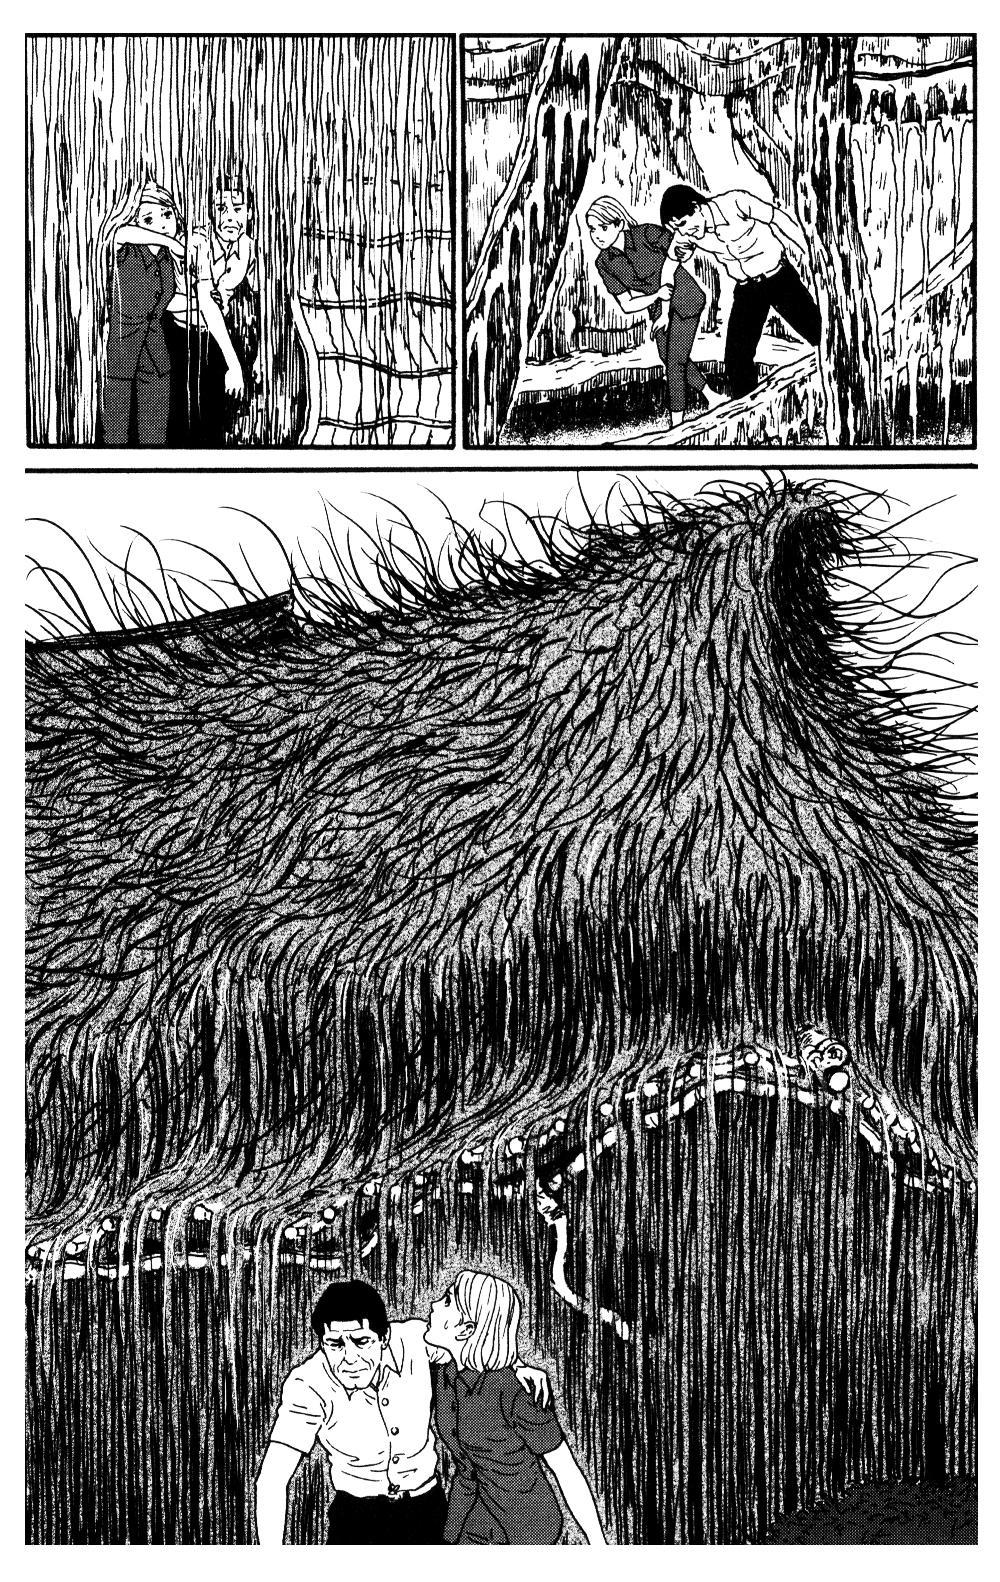 魔の断片 第2話「木造の怪」③manodanpen04-10.jpg